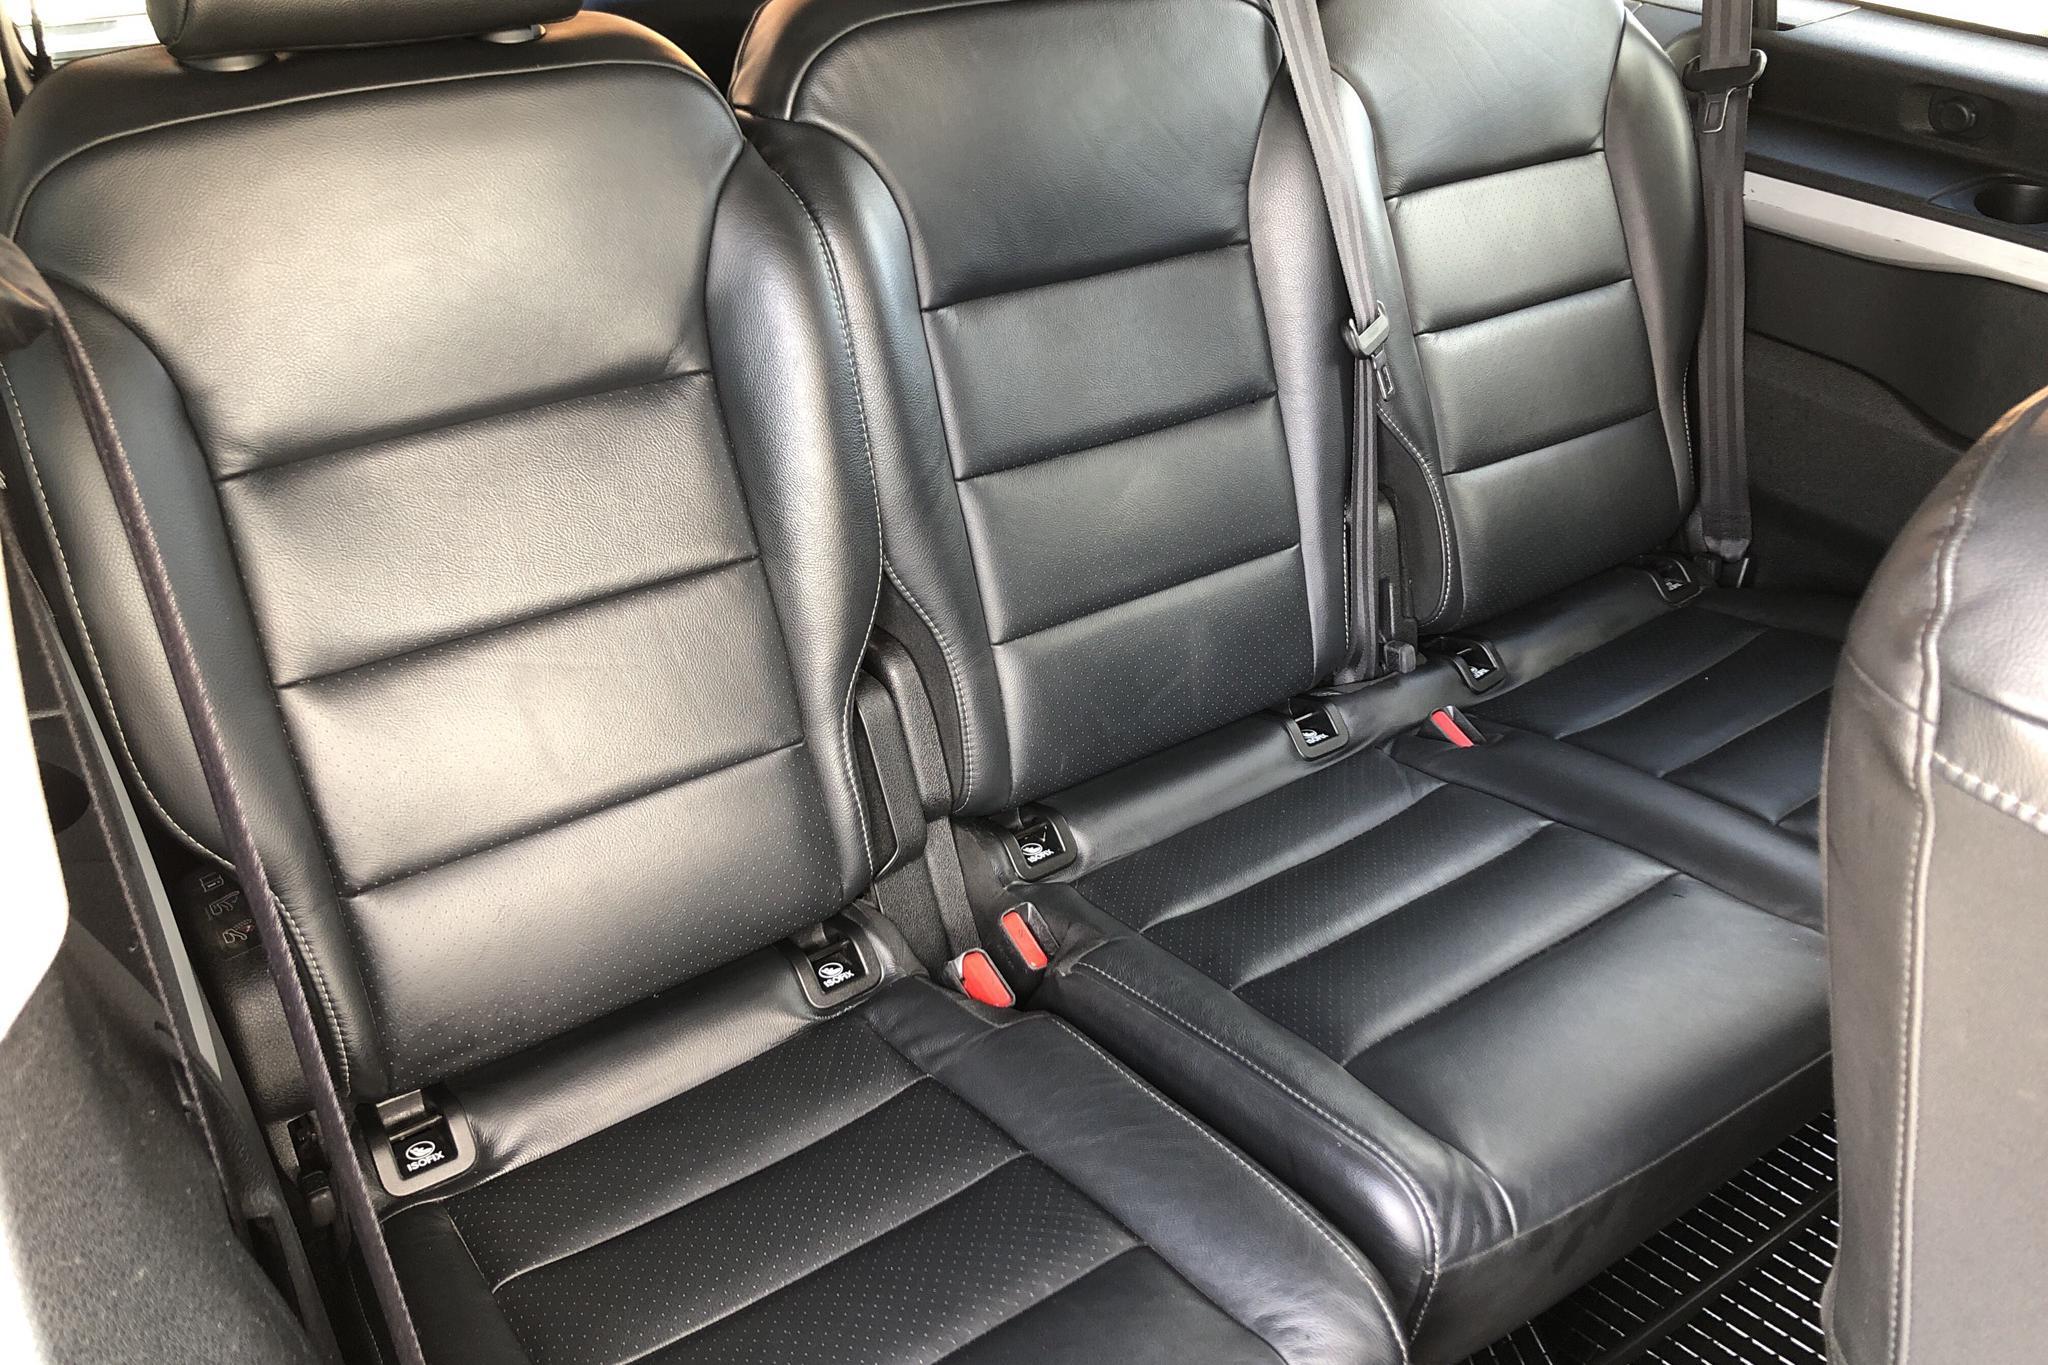 Toyota PROACE Verso 2.0D (180hk) - 158 200 km - Automatic - black - 2018